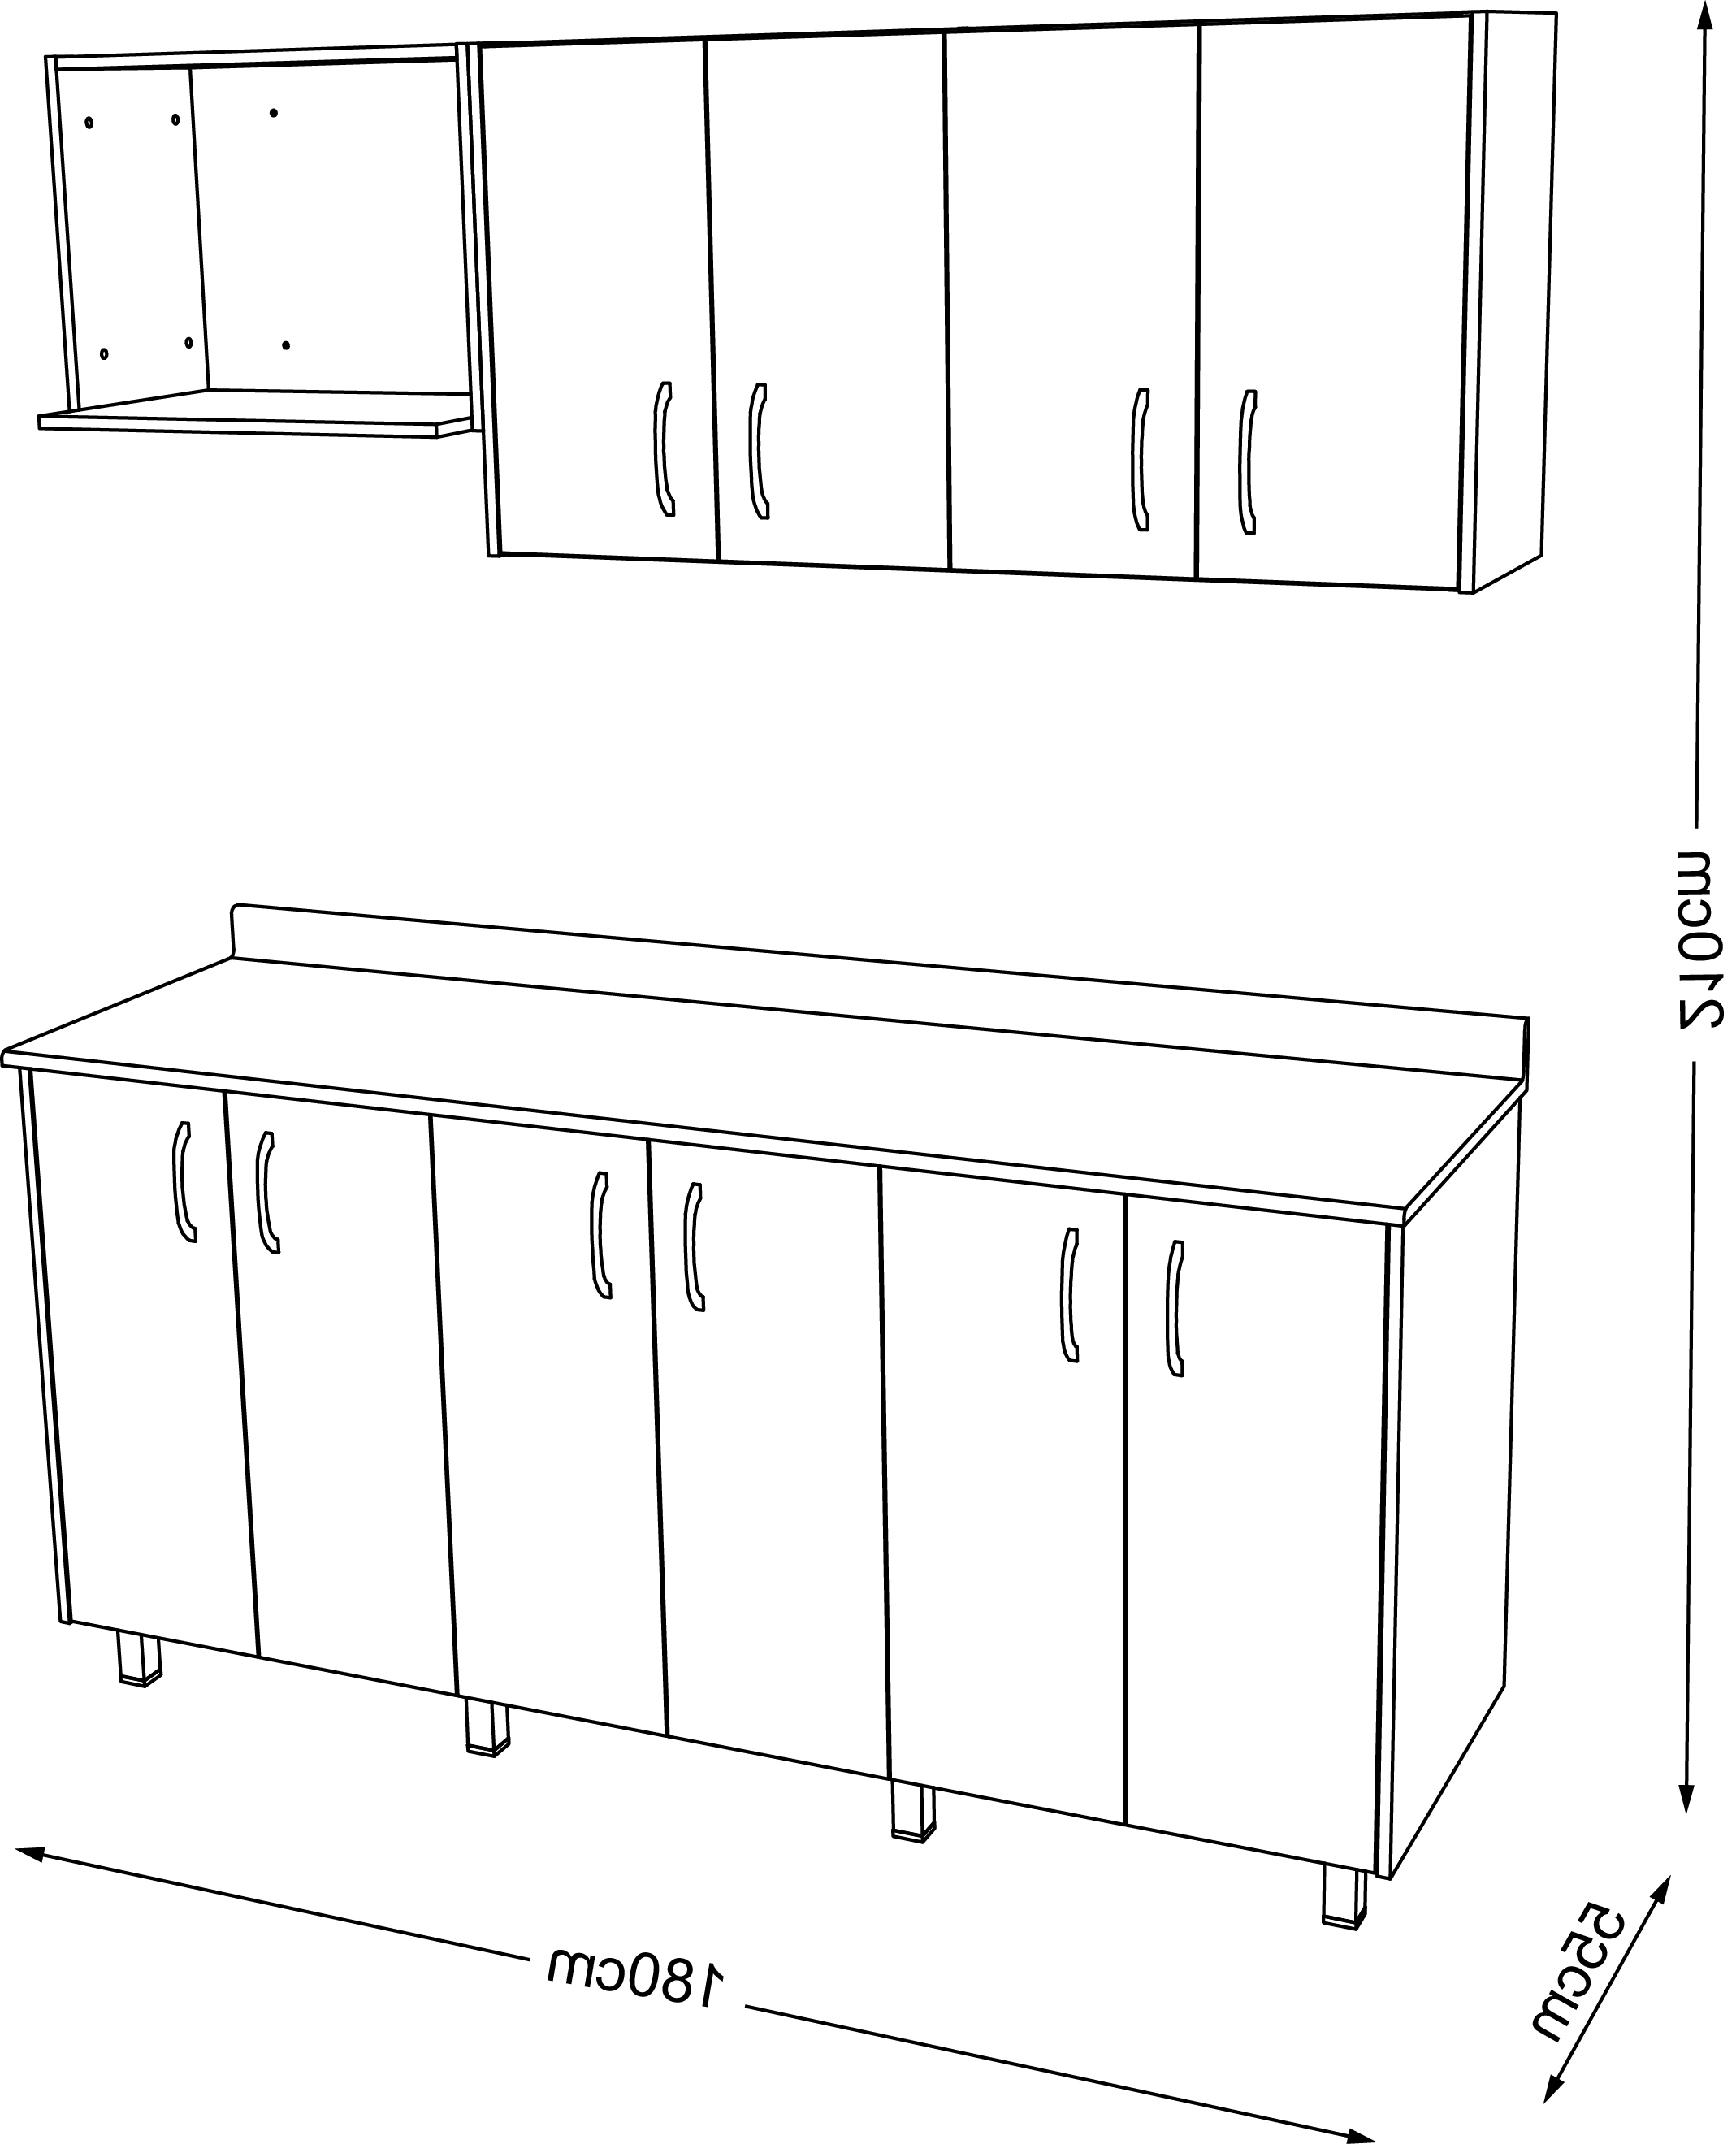 Medidas Estandar De Muebles De Cocina J7do Casalistacocina Modular 1 80m